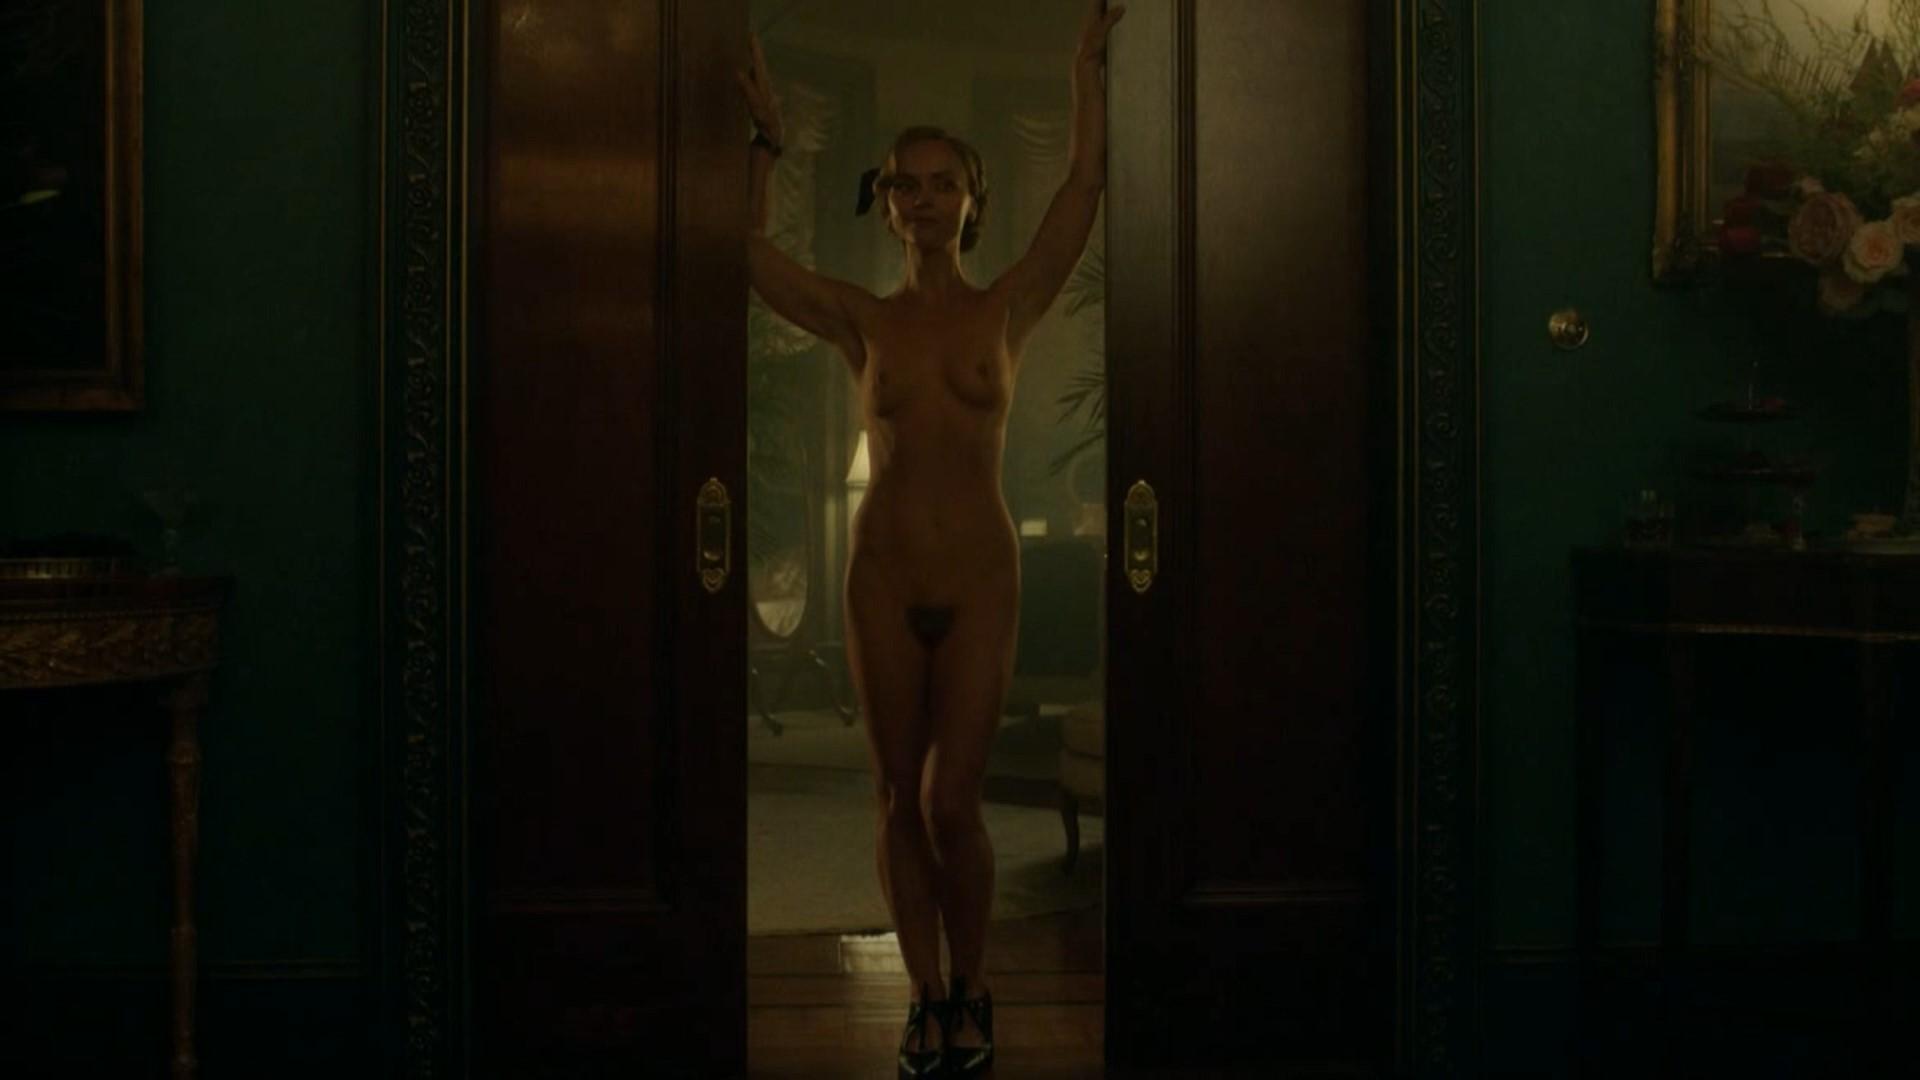 Brittany spkes naked